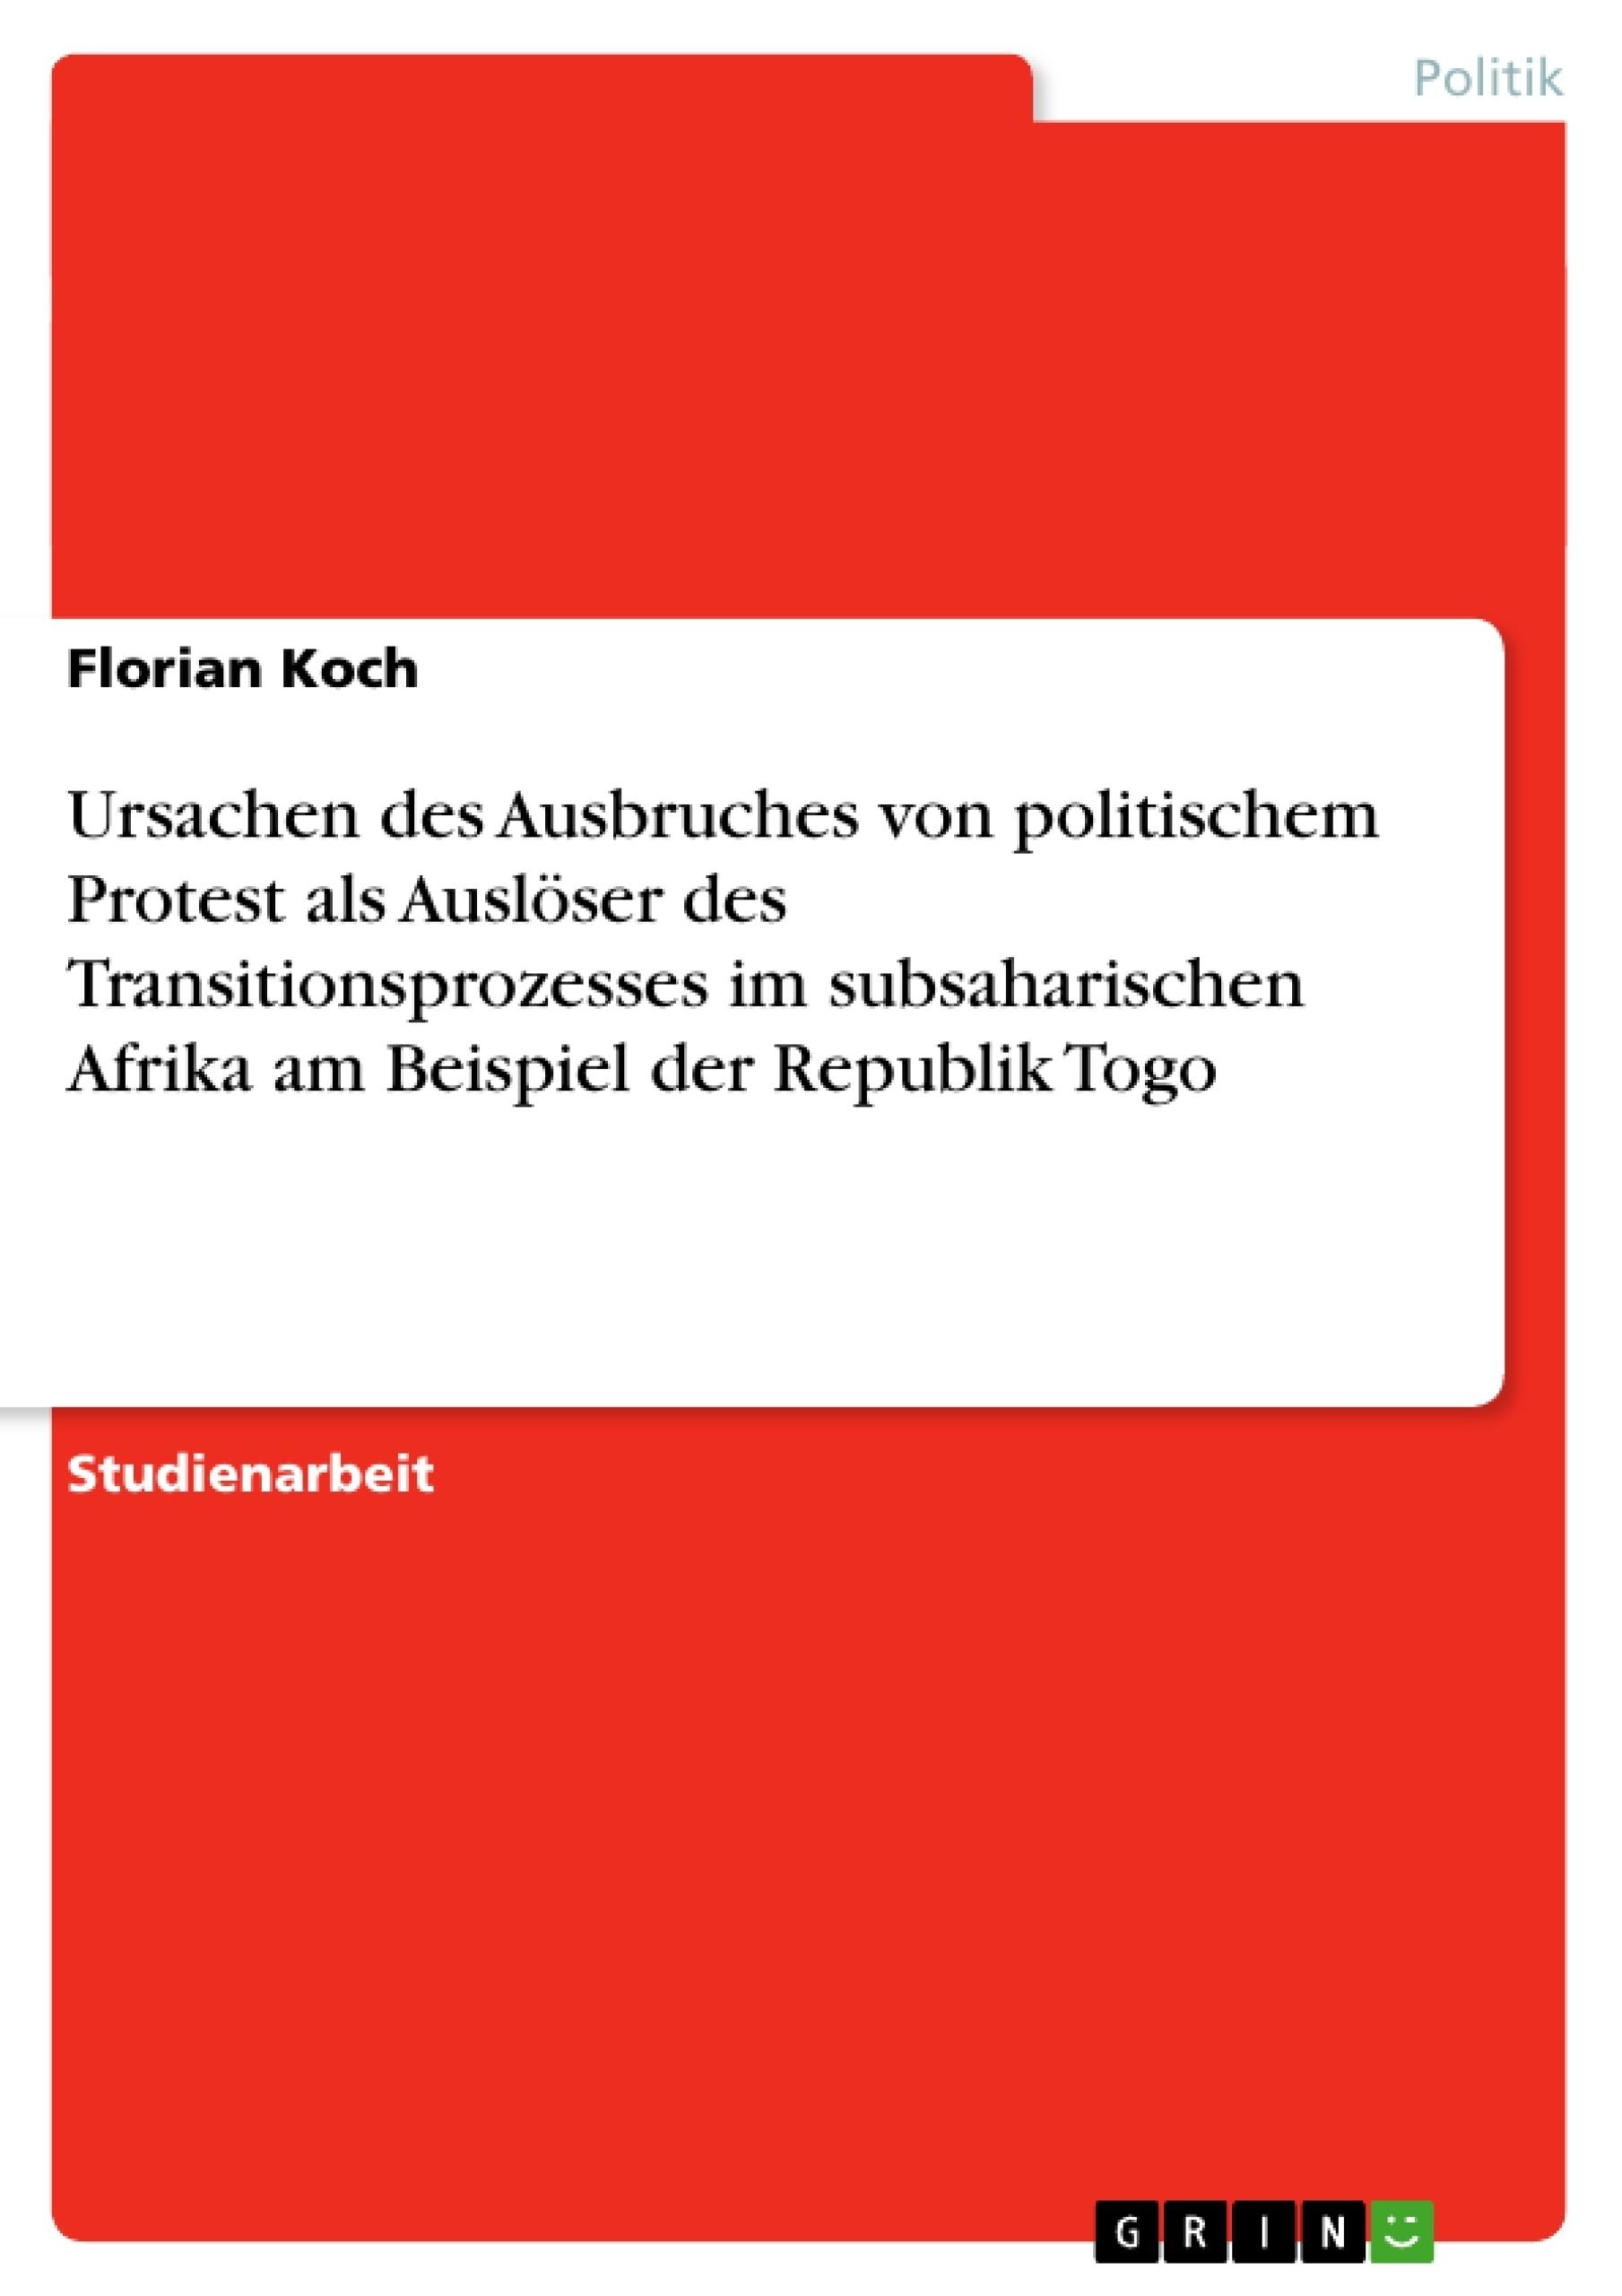 Titel: Ursachen des Ausbruches von politischem Protest als Auslöser des Transitionsprozesses im subsaharischen Afrika am Beispiel der Republik Togo